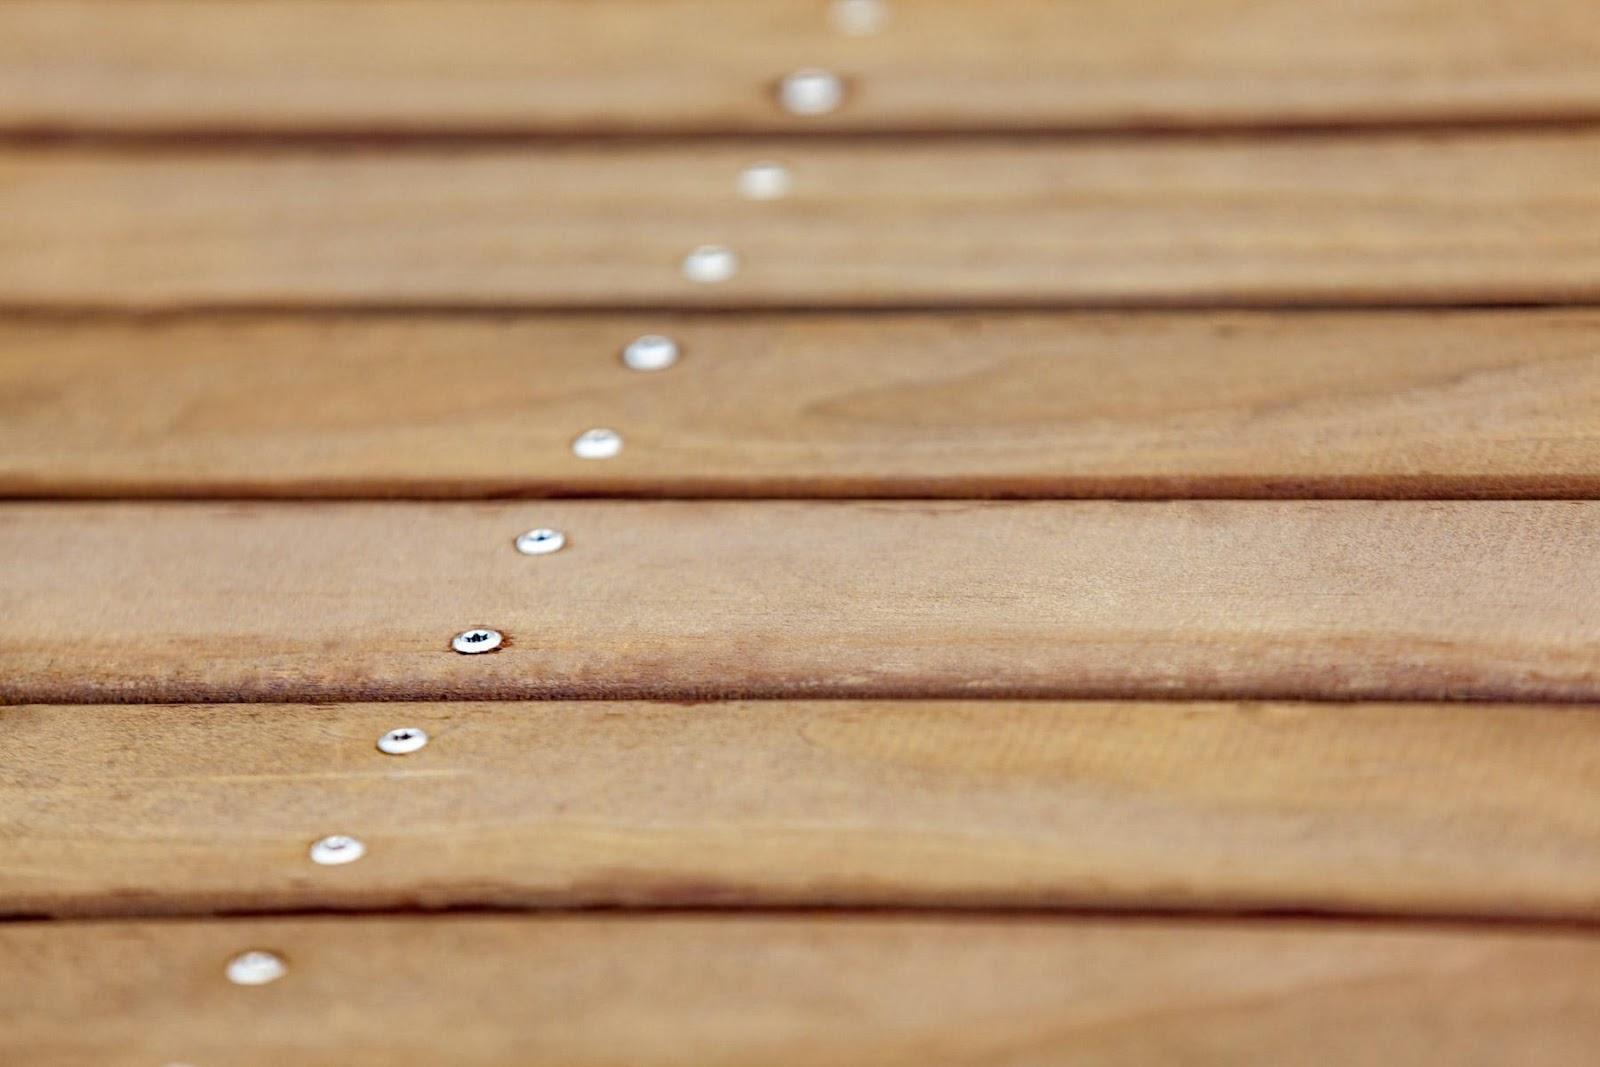 Choisissez des moyens de fixation appropriés : Tandis que dans le temps, il était courant d'utiliser des clous pour fixer les lames de terrasse, il est maintenant plus habituel d'utiliser des vis pour obtenir un joli résultat final.